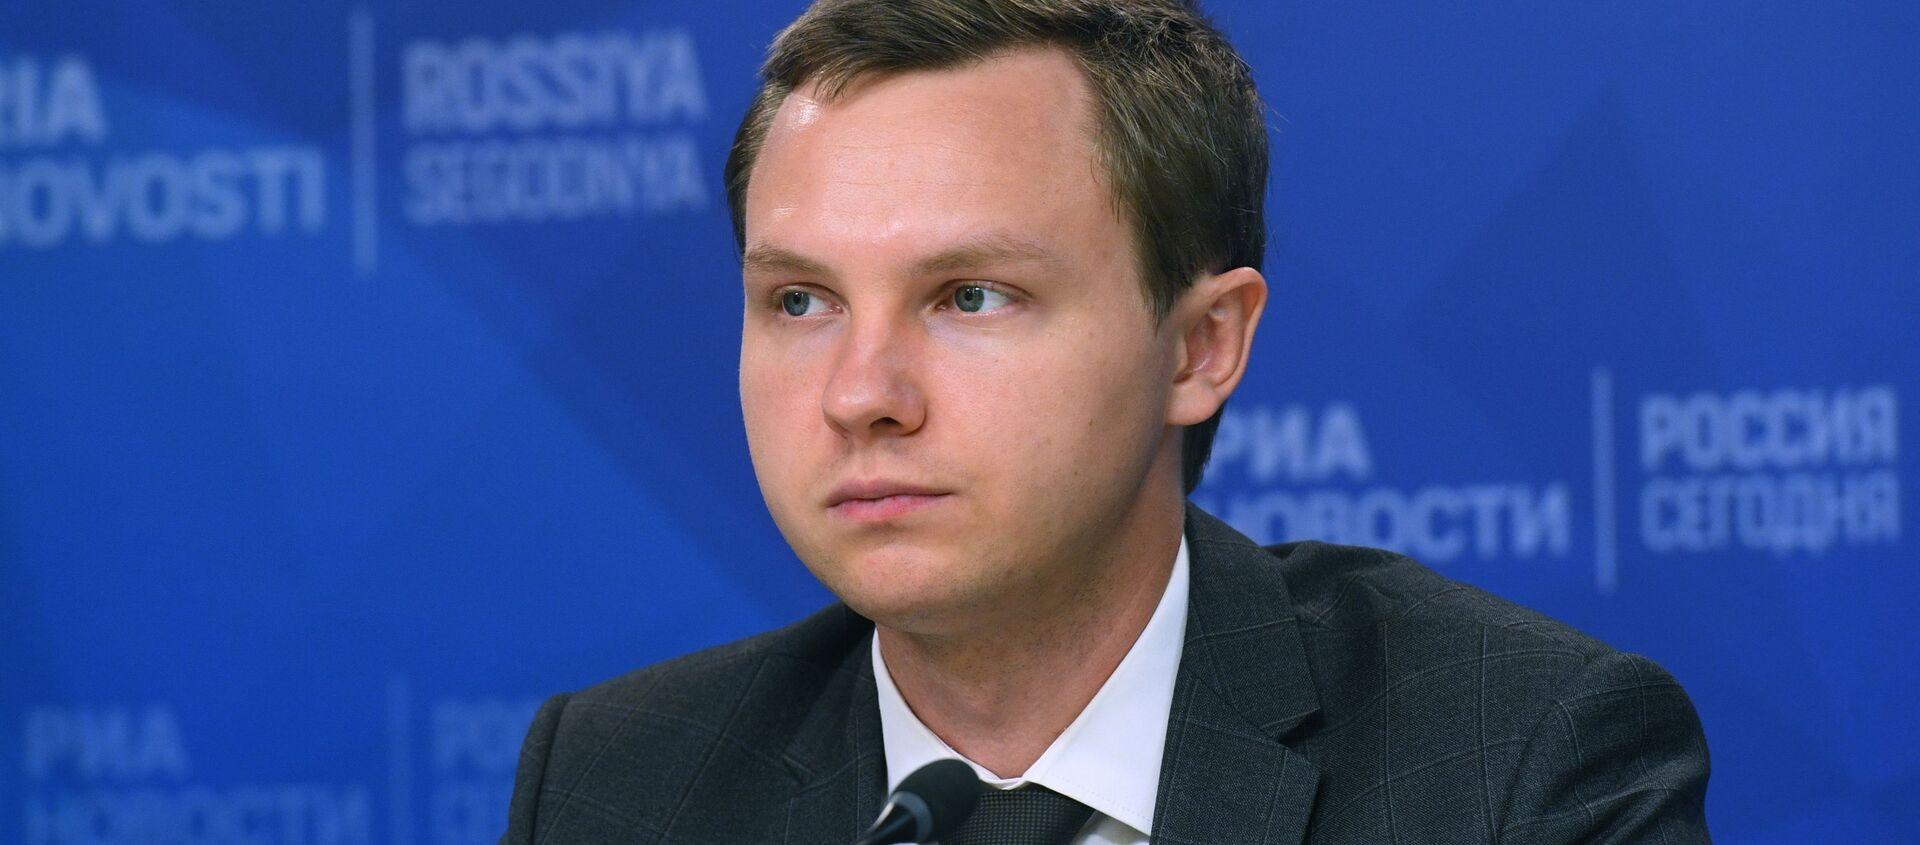 Юшков: как Европа хотела обвести Россию вокруг пальца, но получила газ по 2000 долларов - Sputnik Абхазия, 1920, 08.10.2021